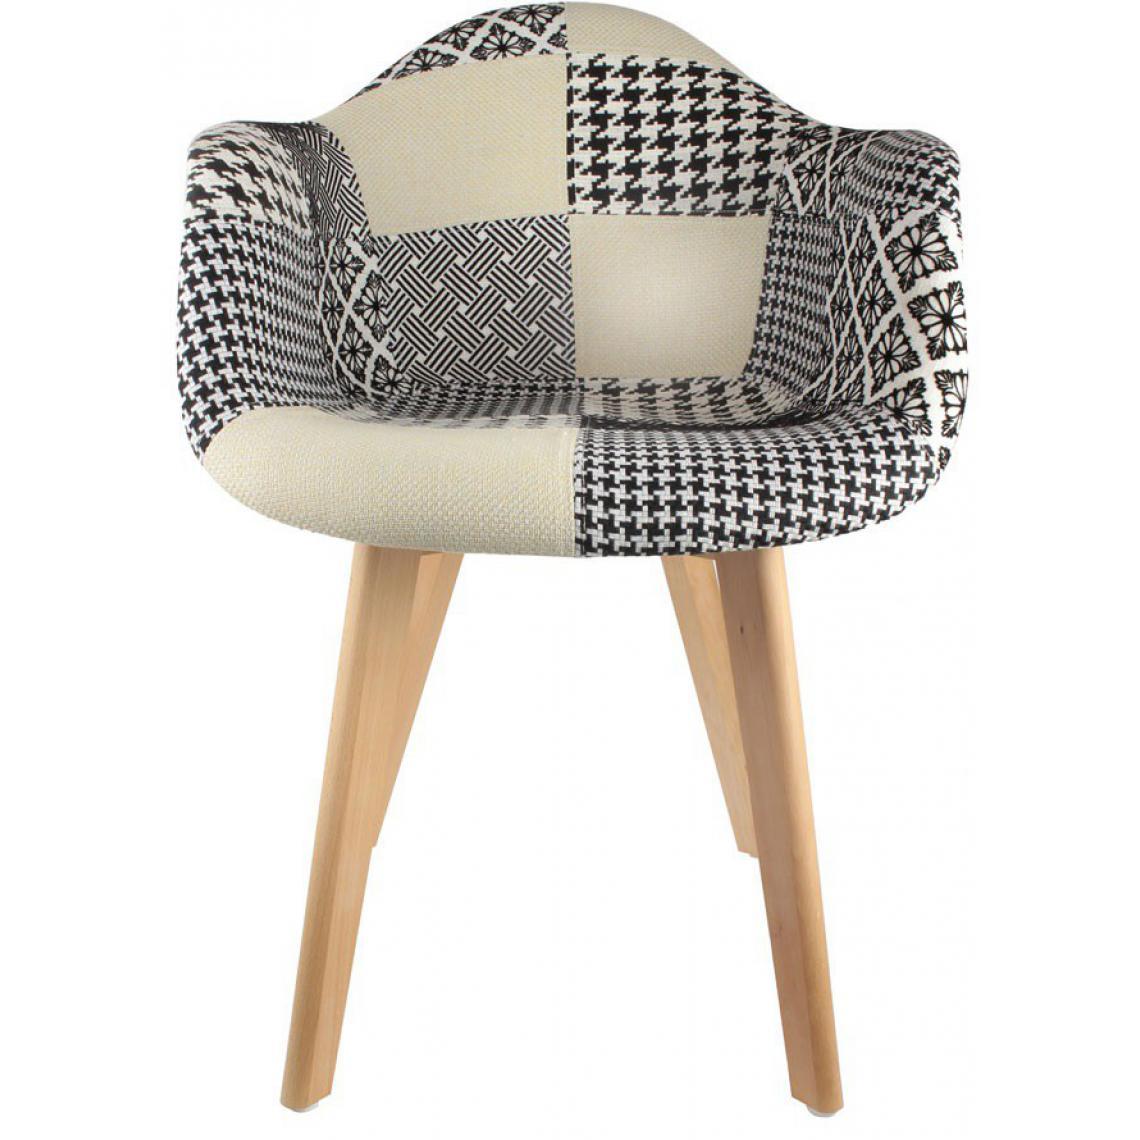 chaise scandinave avec accoudoir patchwork bicolore fjord. Black Bedroom Furniture Sets. Home Design Ideas